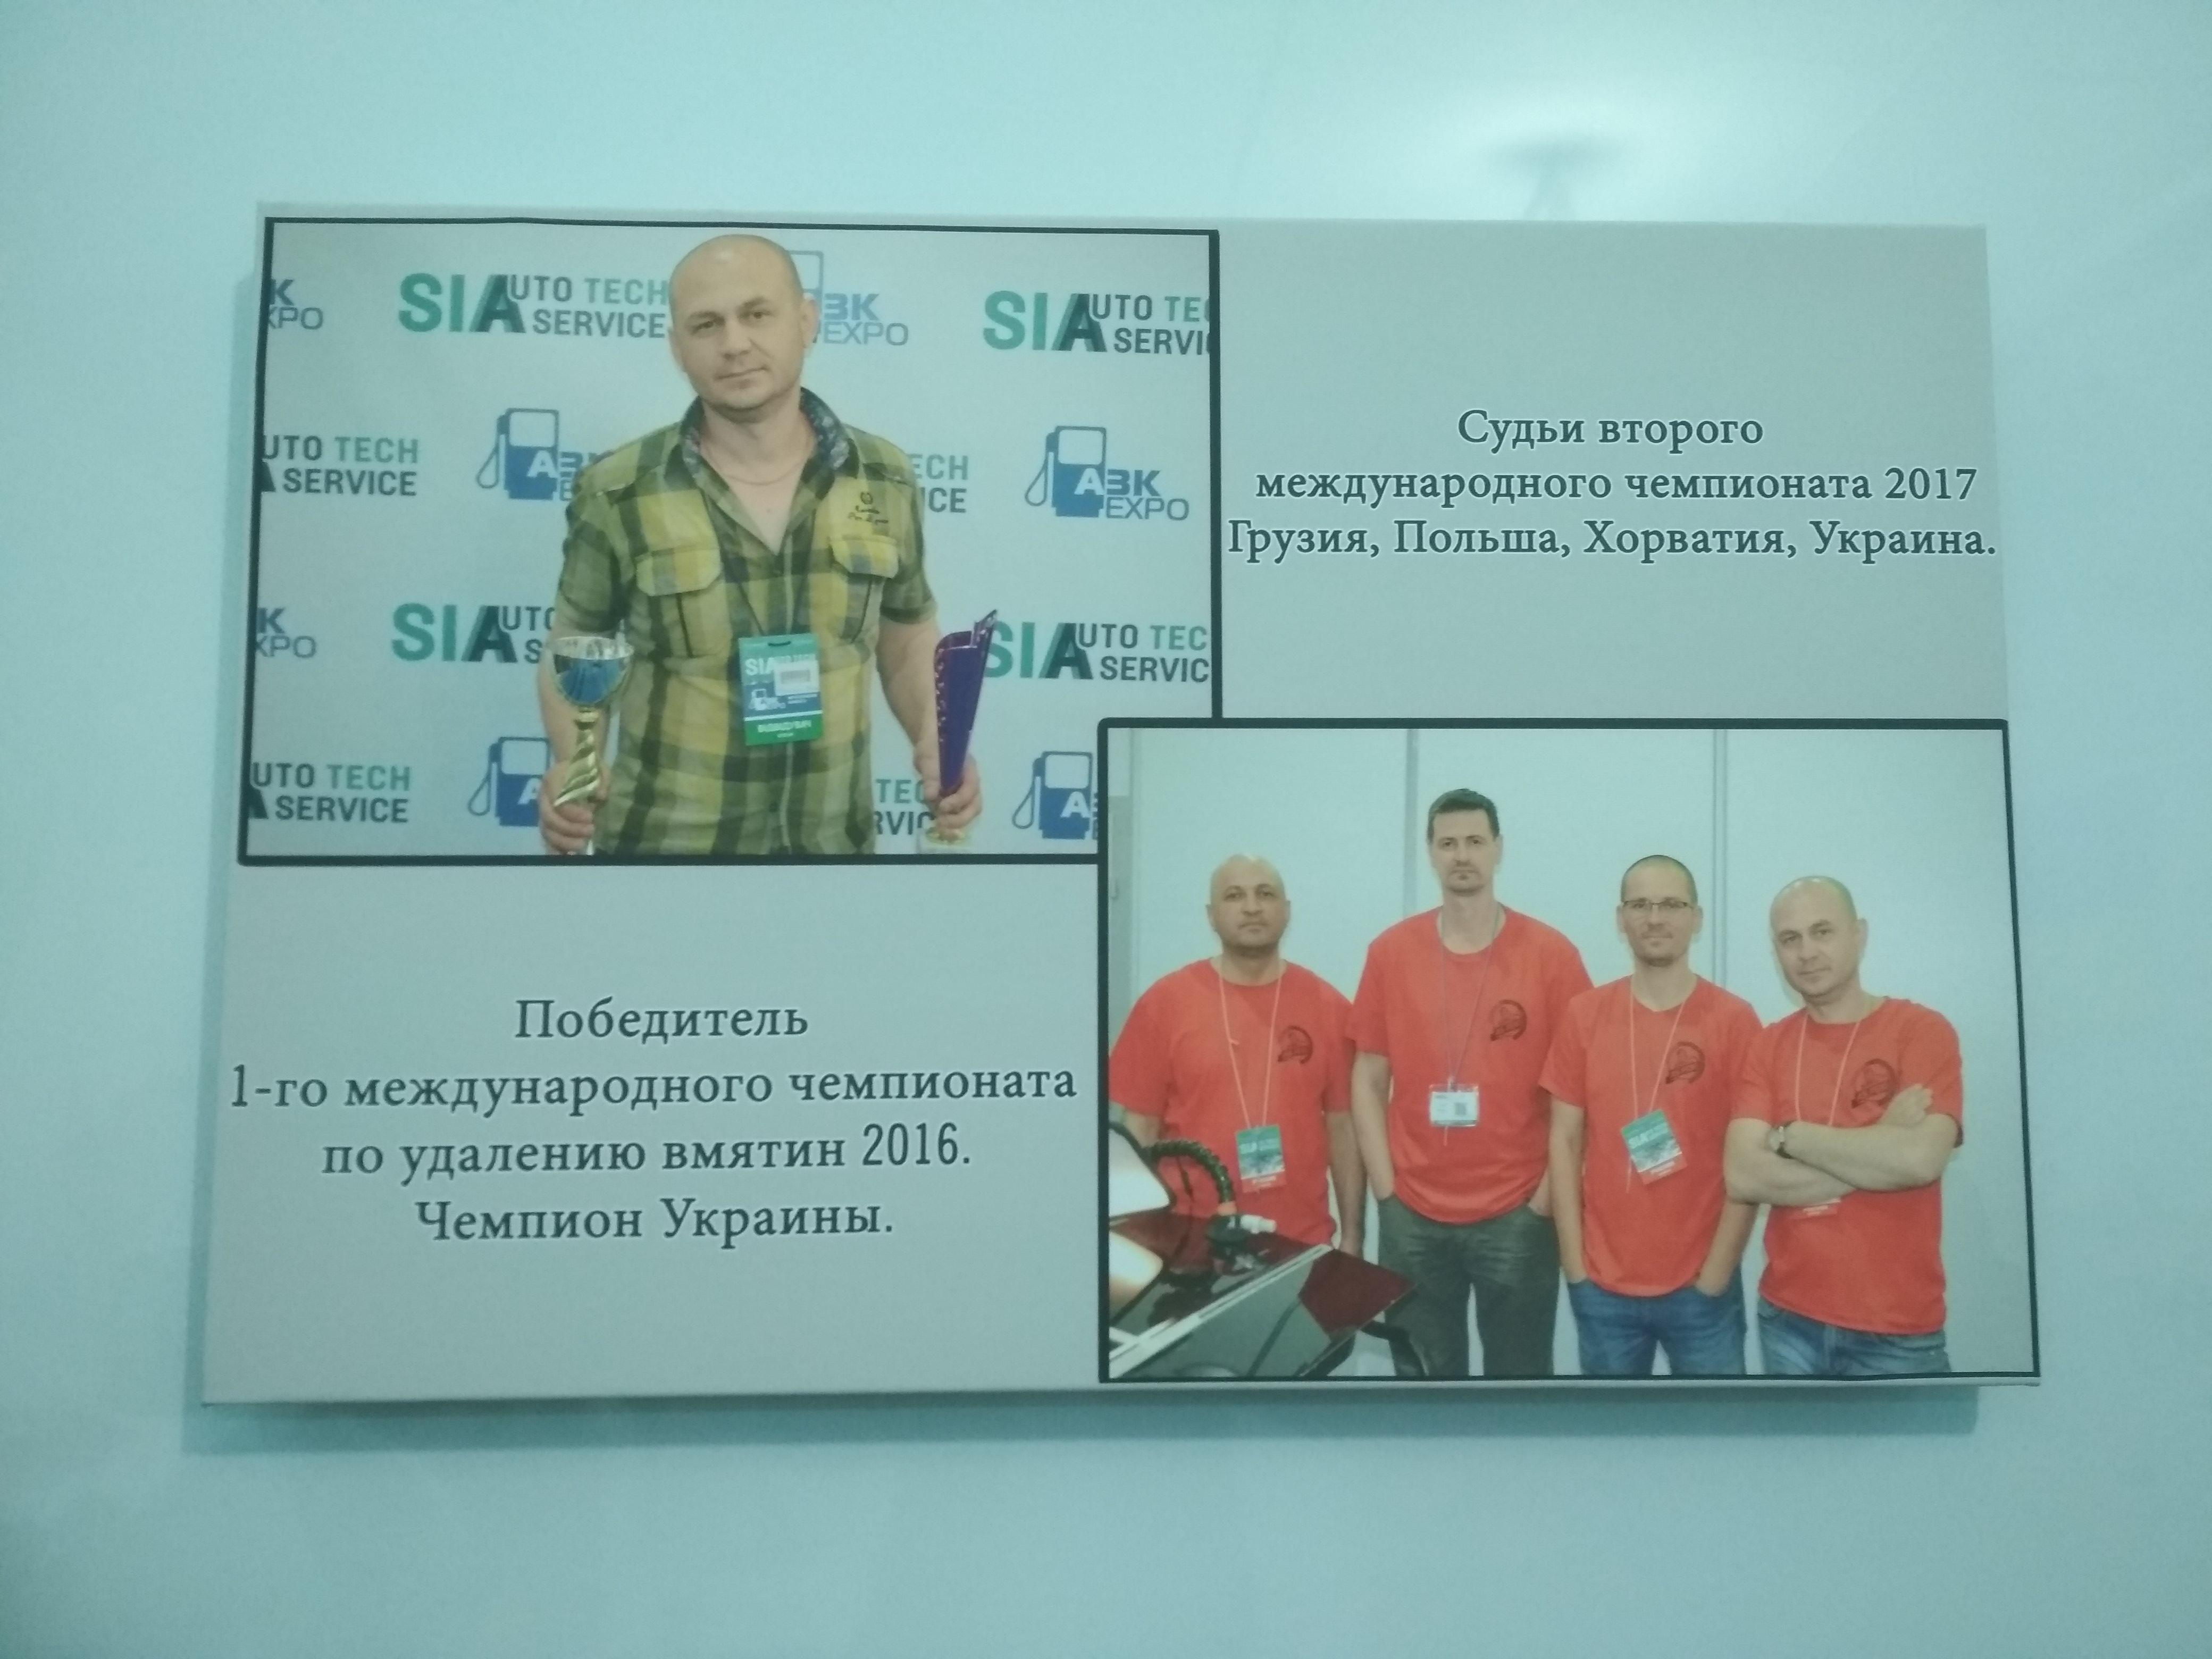 Печать картин под заказ Киев